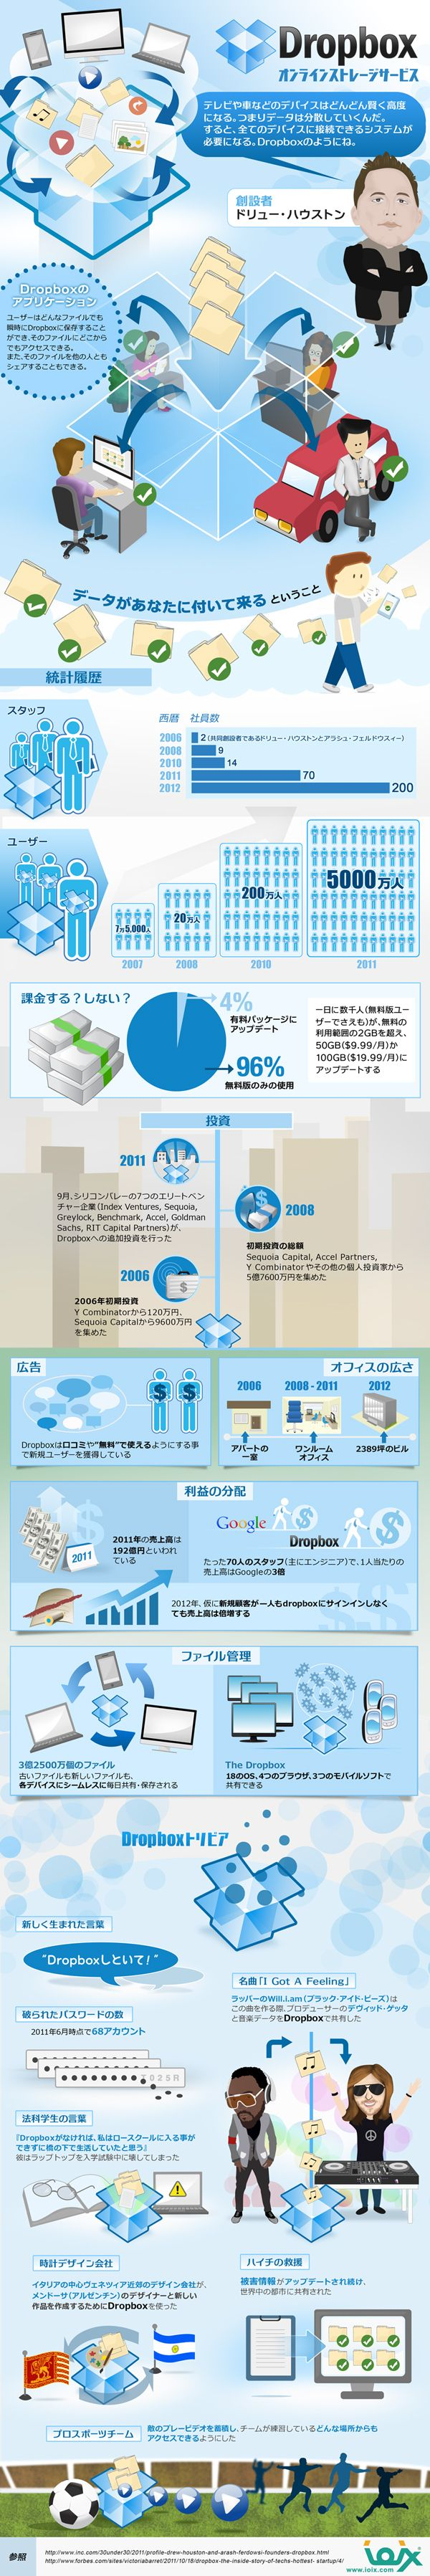 インフォグラフィックス:Dropboxの成功の歴史をまとめたインフォグラフィック Infographics - History of success of Dropbox